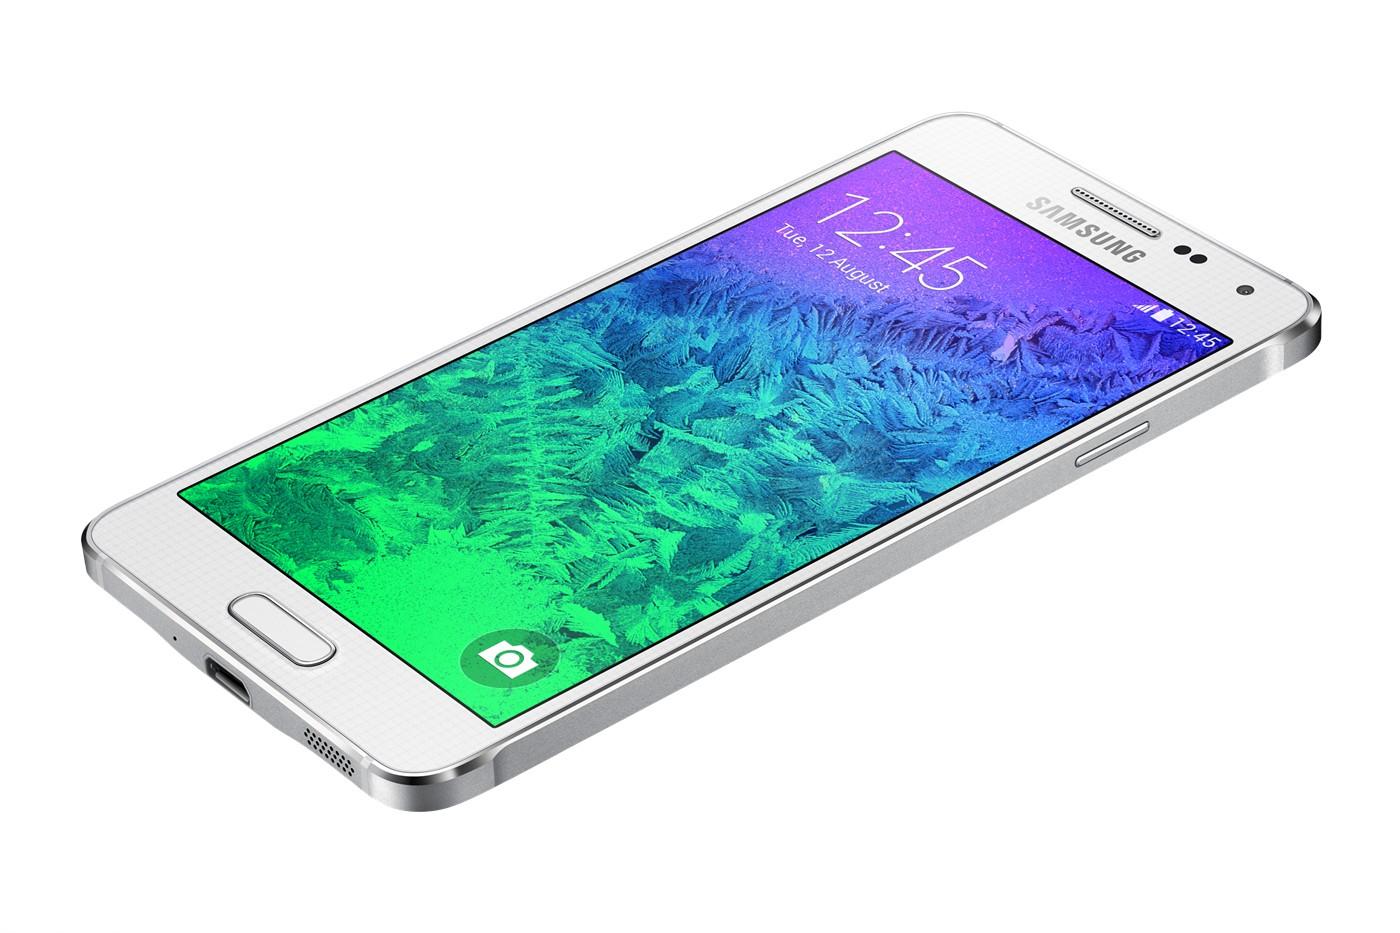 Россия будет разрабатывать програмное обеспечение для смартфонов Samsung